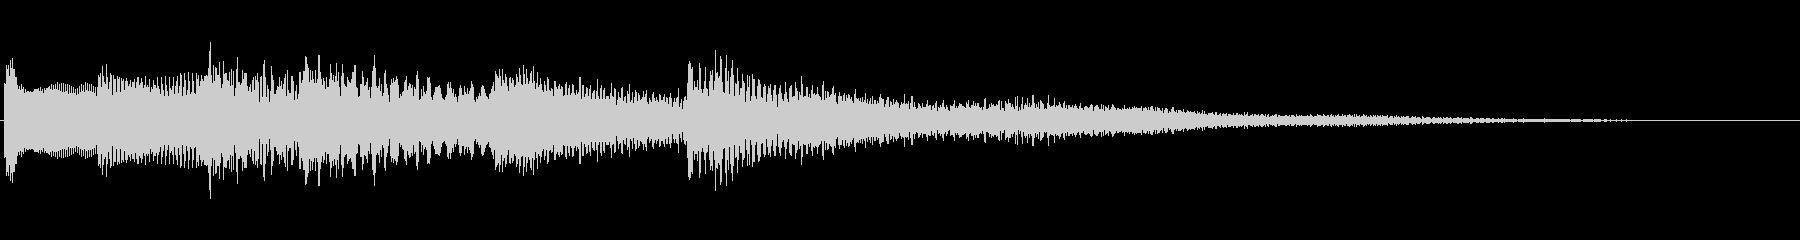 少しセンチメンタルなピアノジングルの未再生の波形